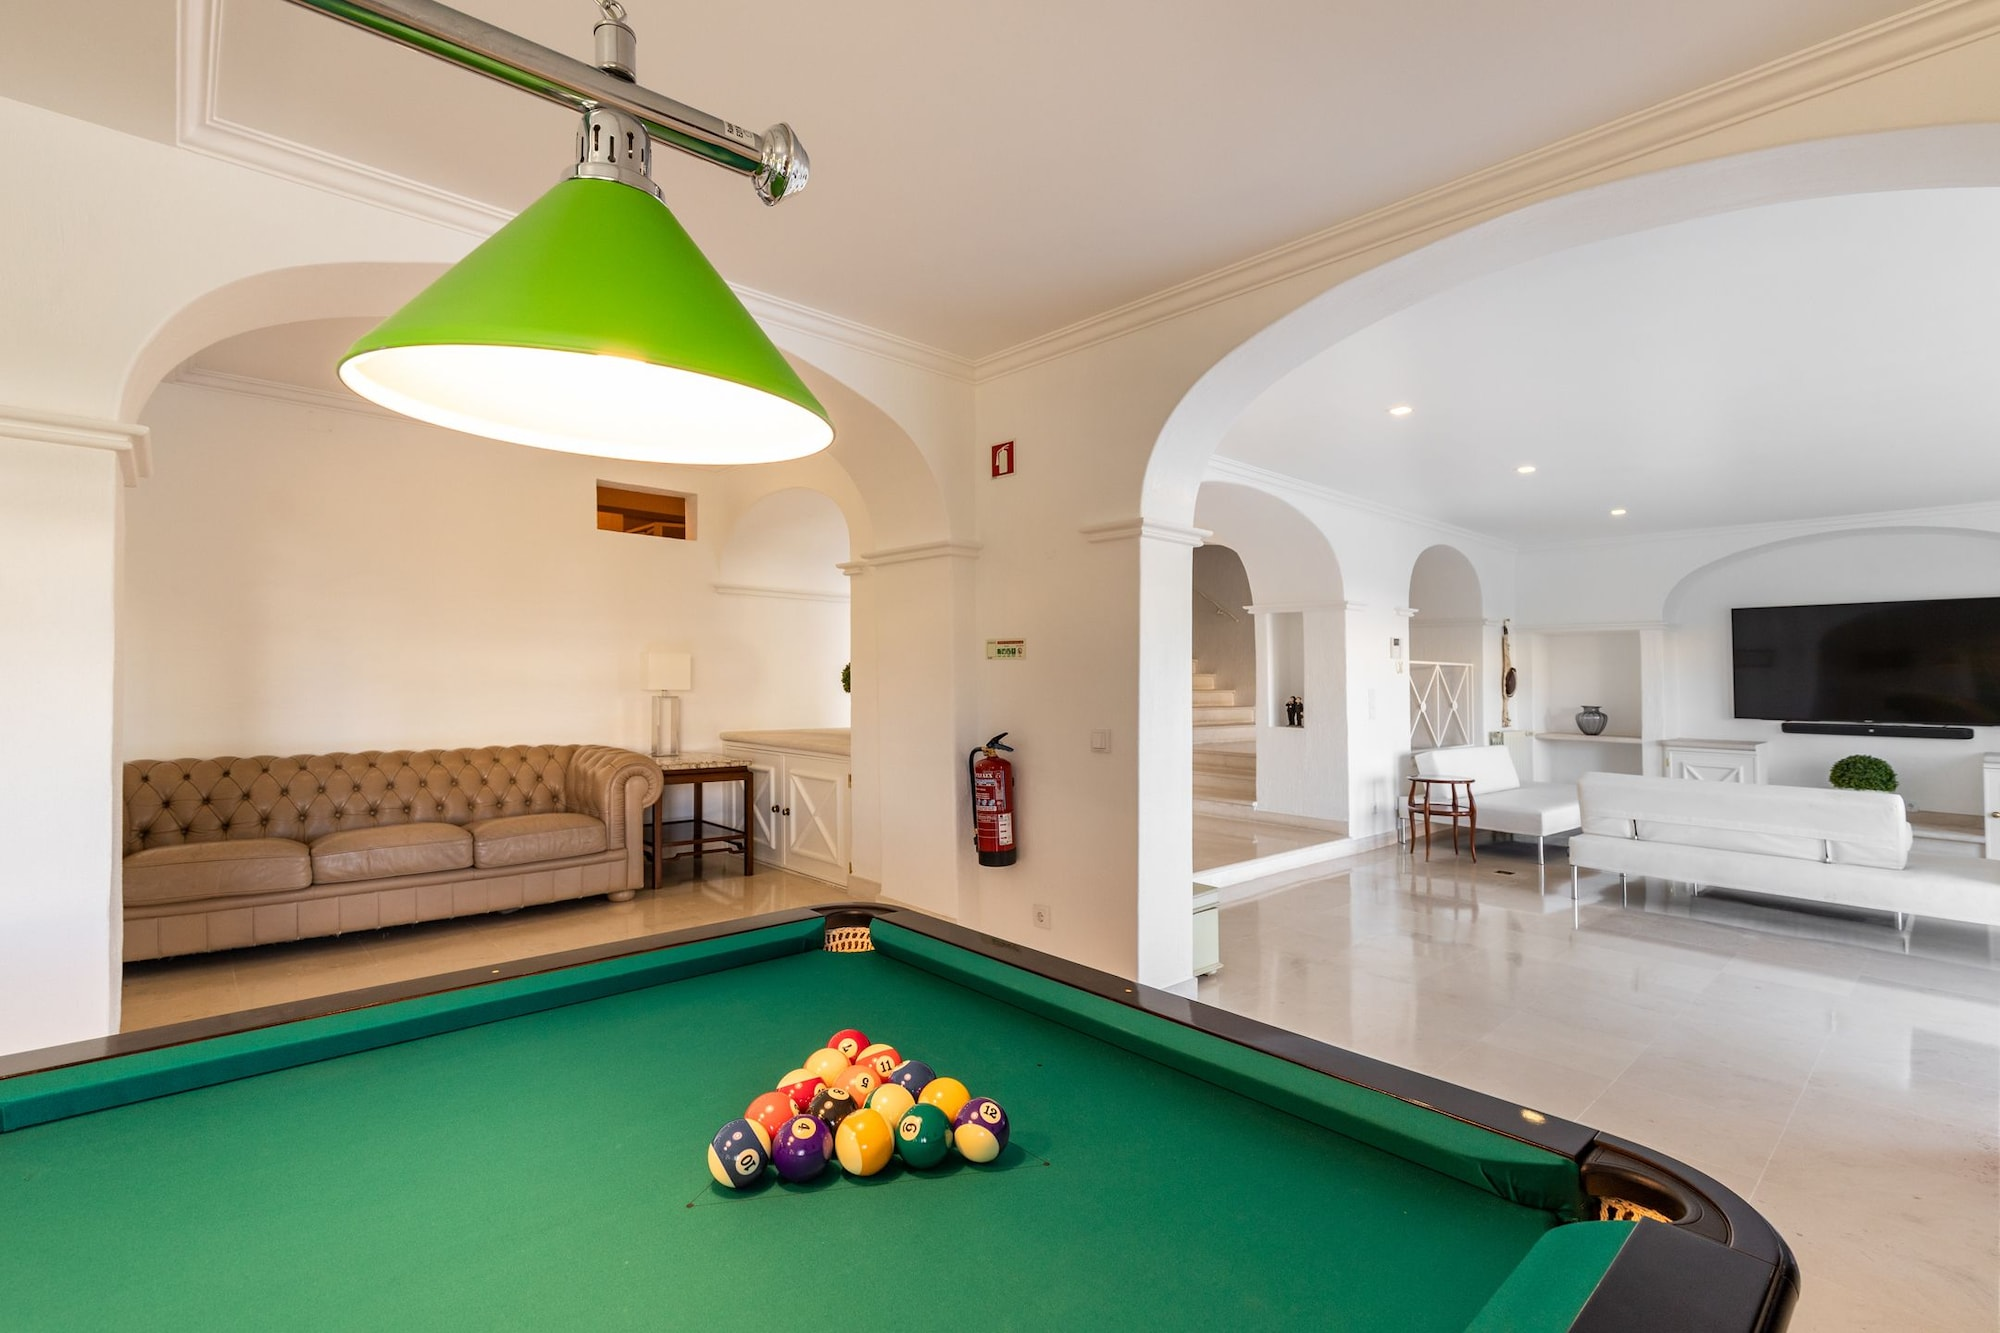 Estoril Luxury Suites & Spa, Cascais